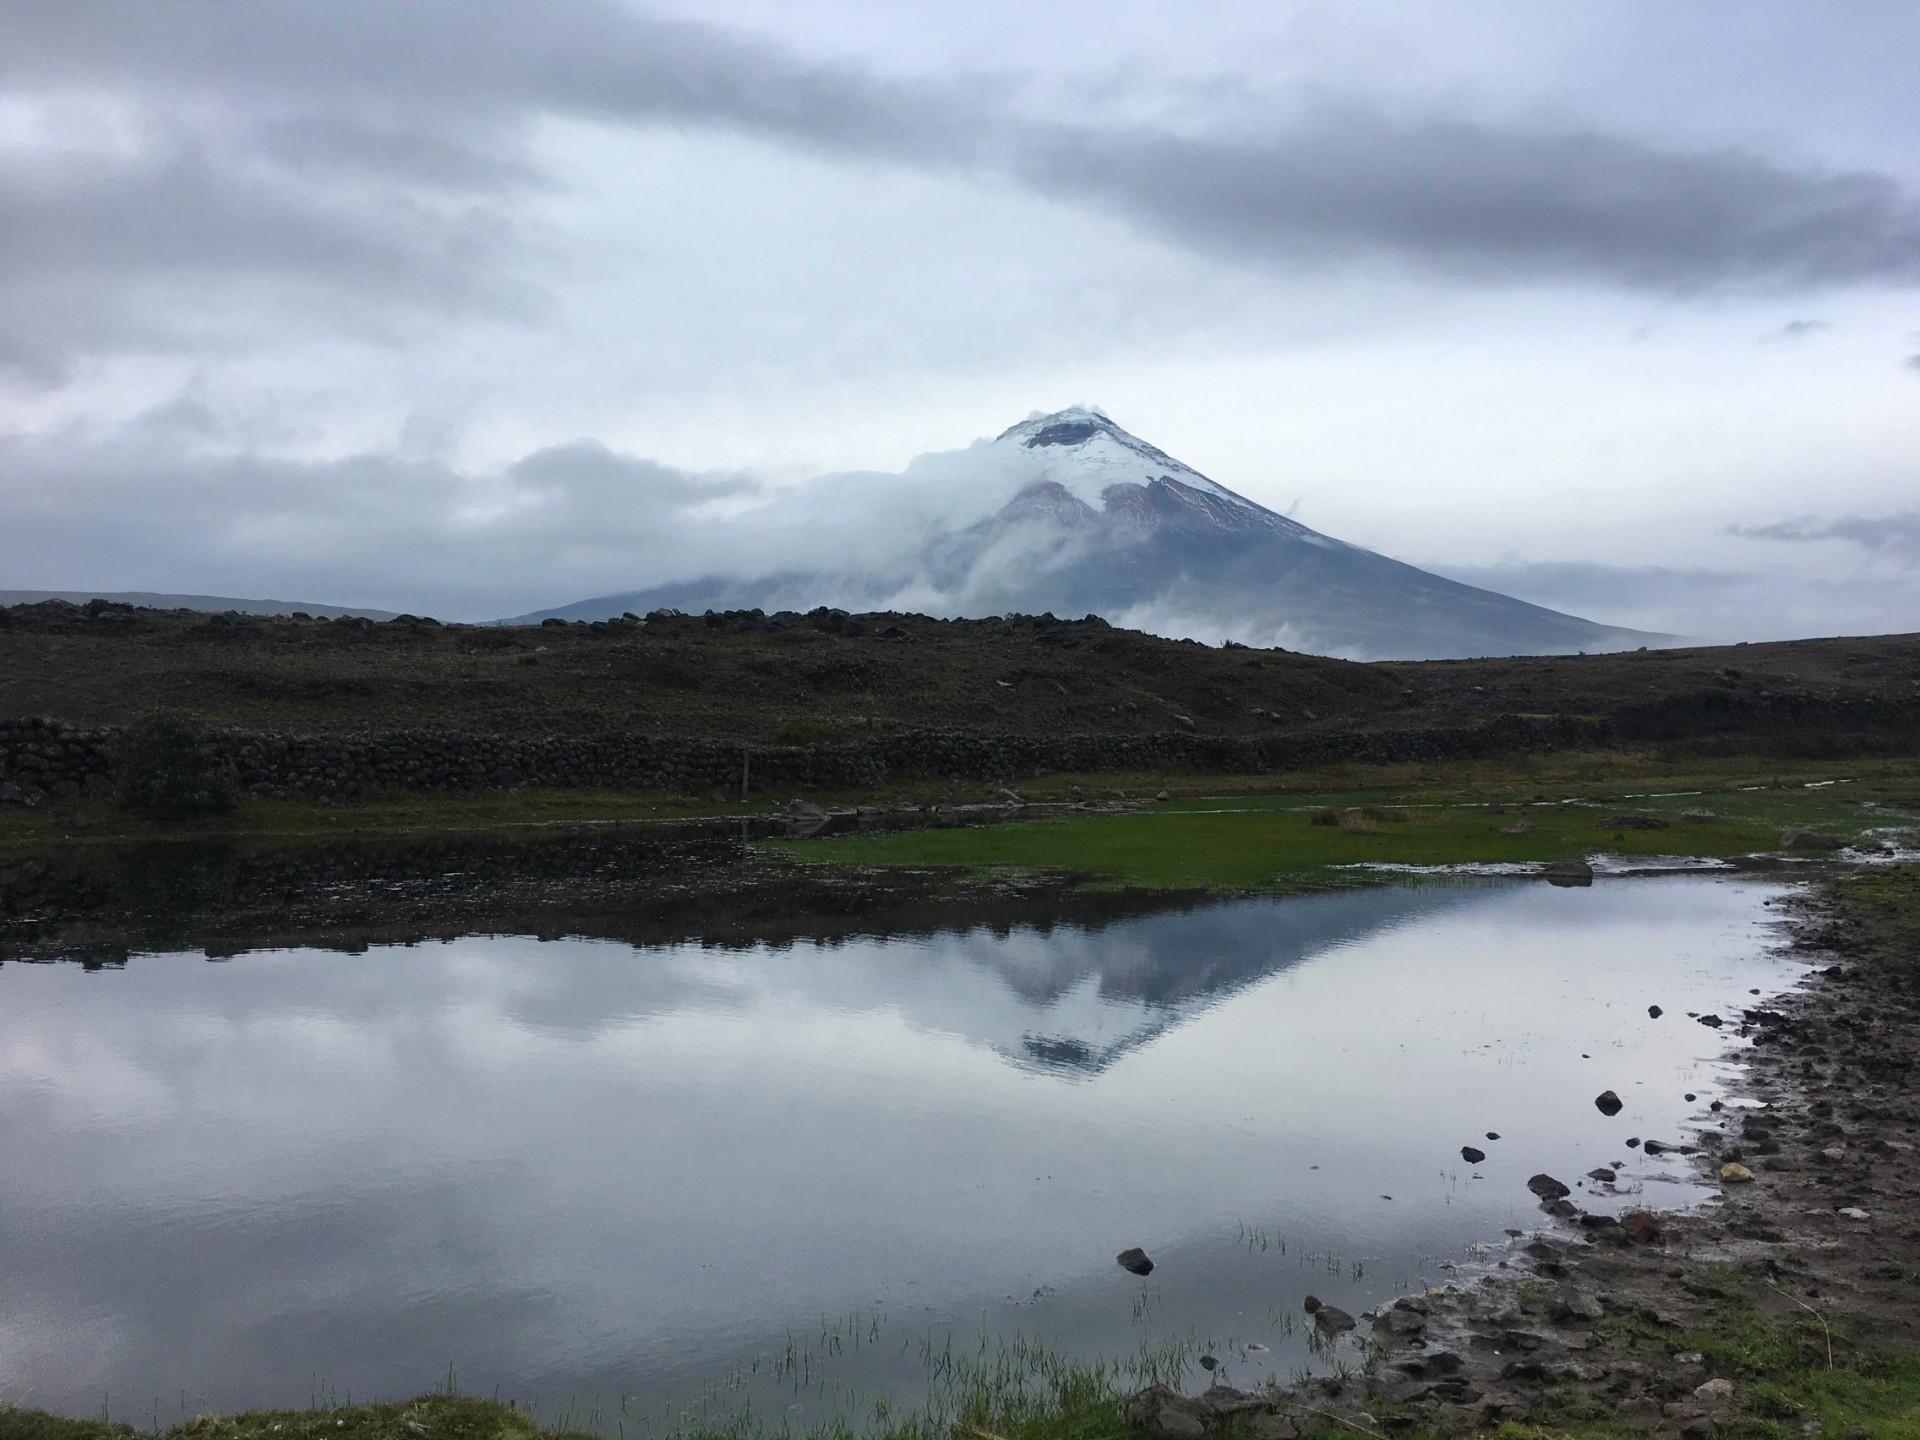 2018-10-14 Tambopaxi_Lasso-9